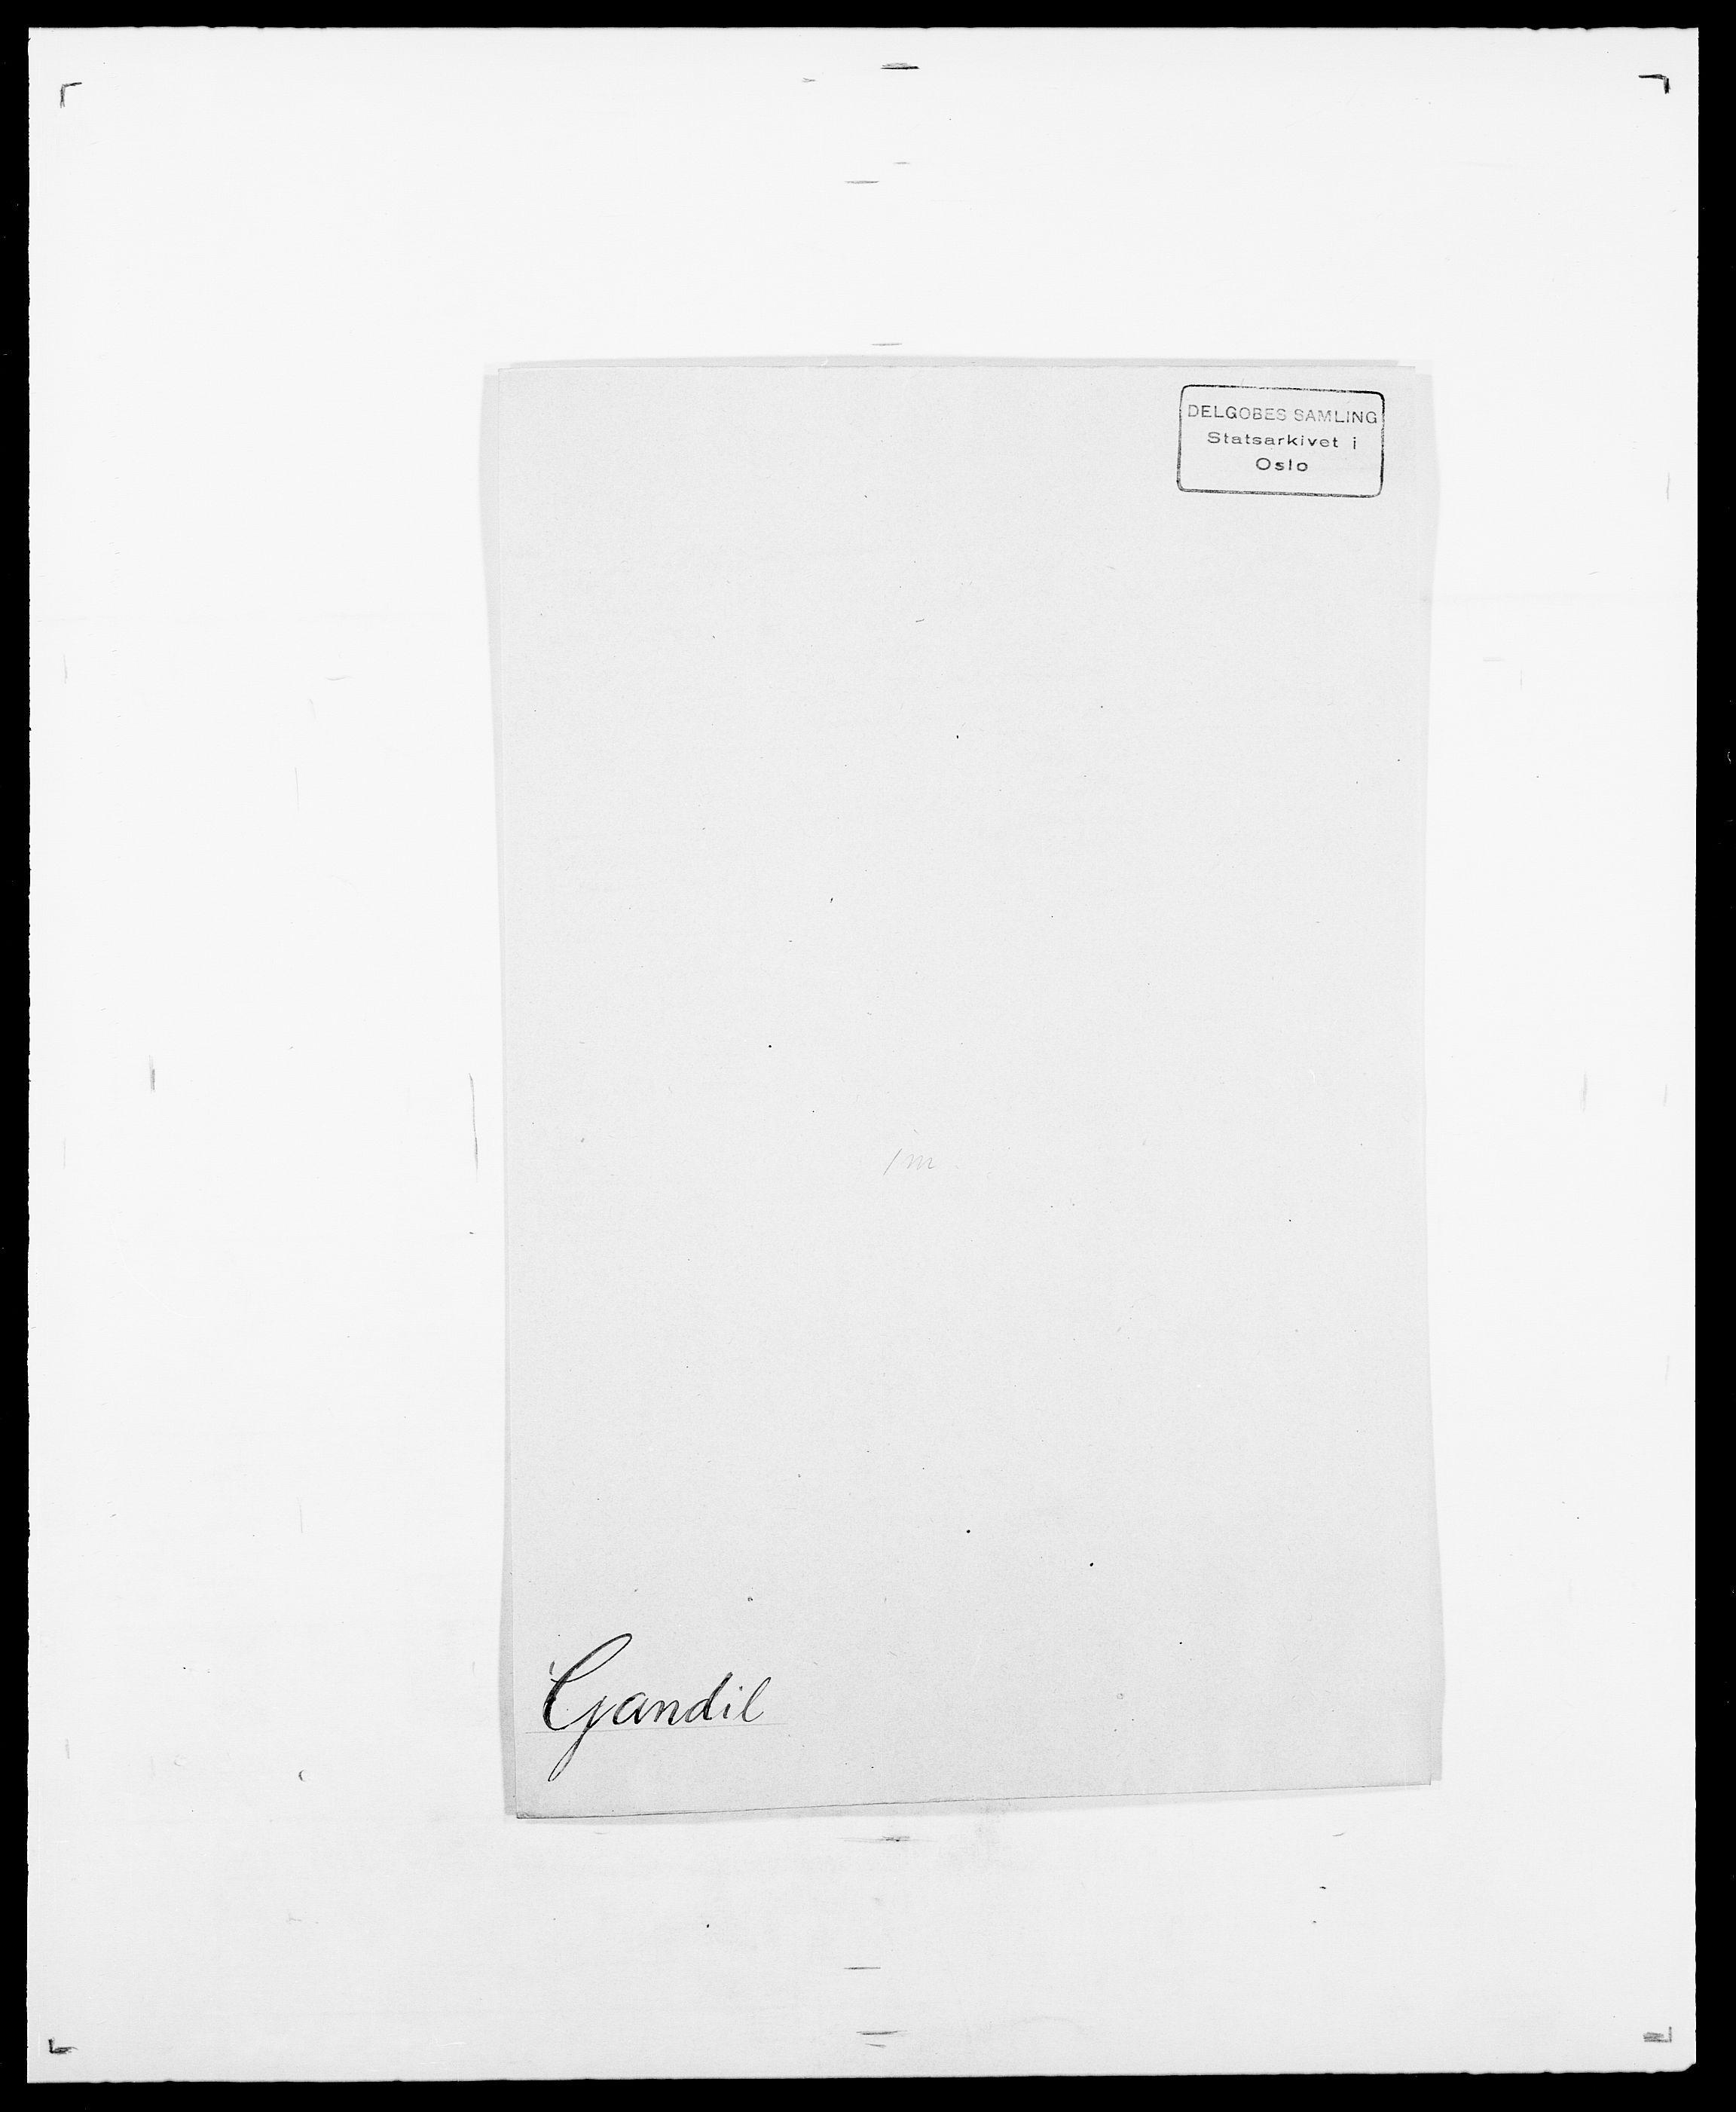 SAO, Delgobe, Charles Antoine - samling, D/Da/L0013: Forbos - Geving, s. 486